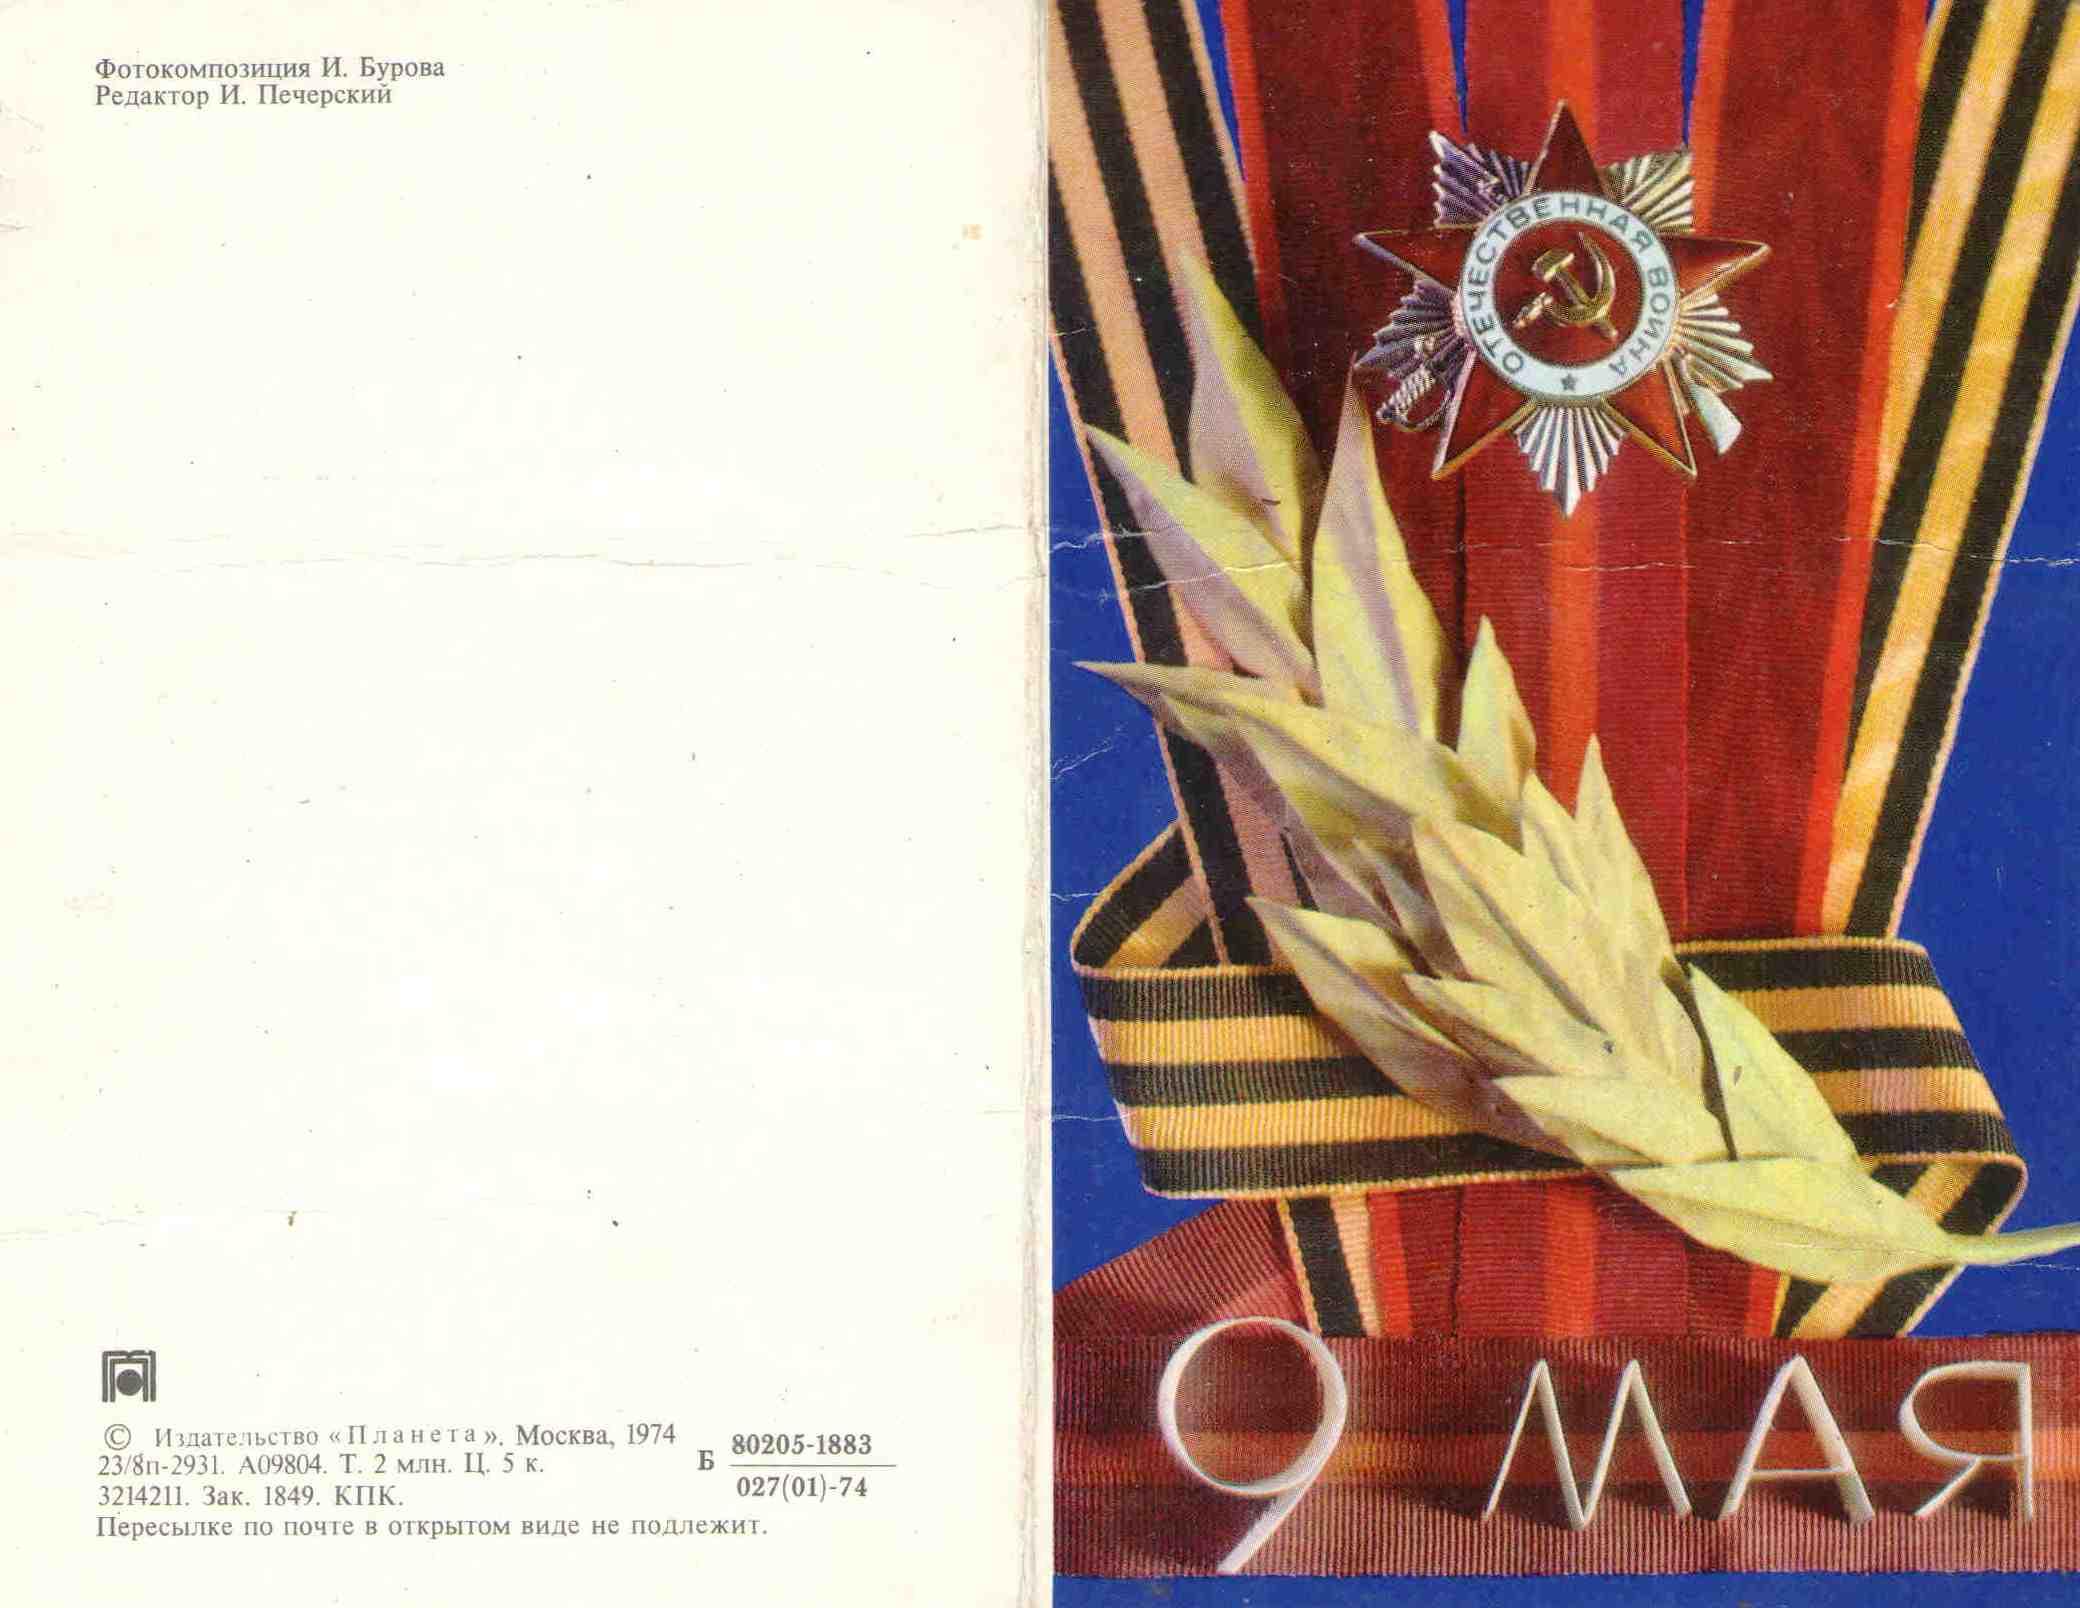 94. Поздравительная открытка с Днем Победы, Барыкин ПП, 1975